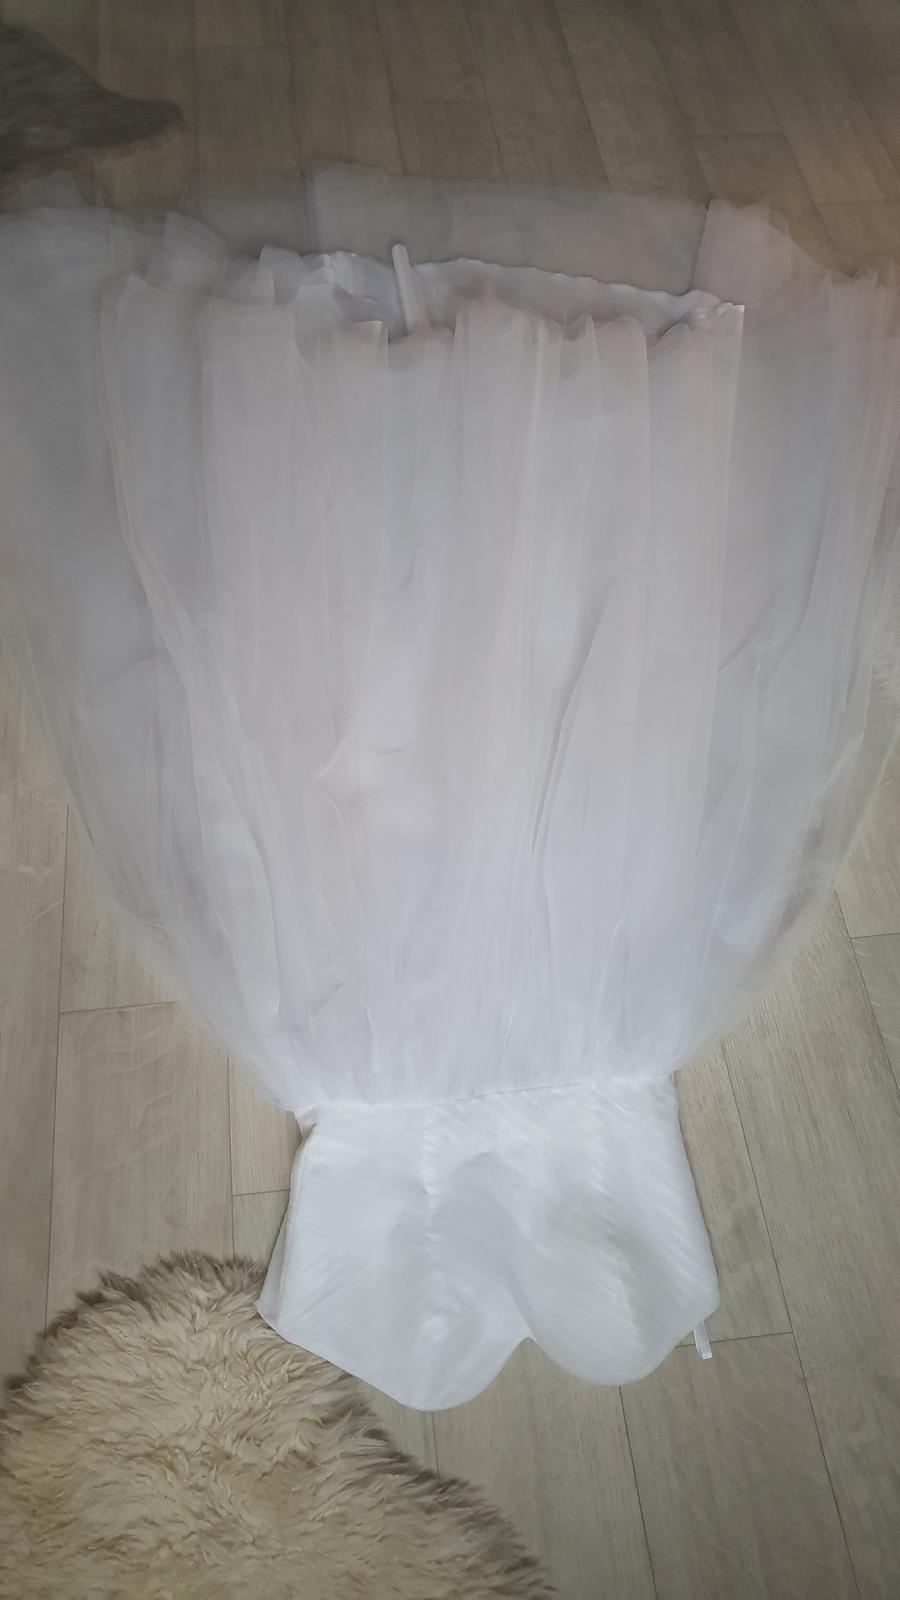 Tutu tylové svatební šaty korzezové dlouhé - Obrázek č. 1